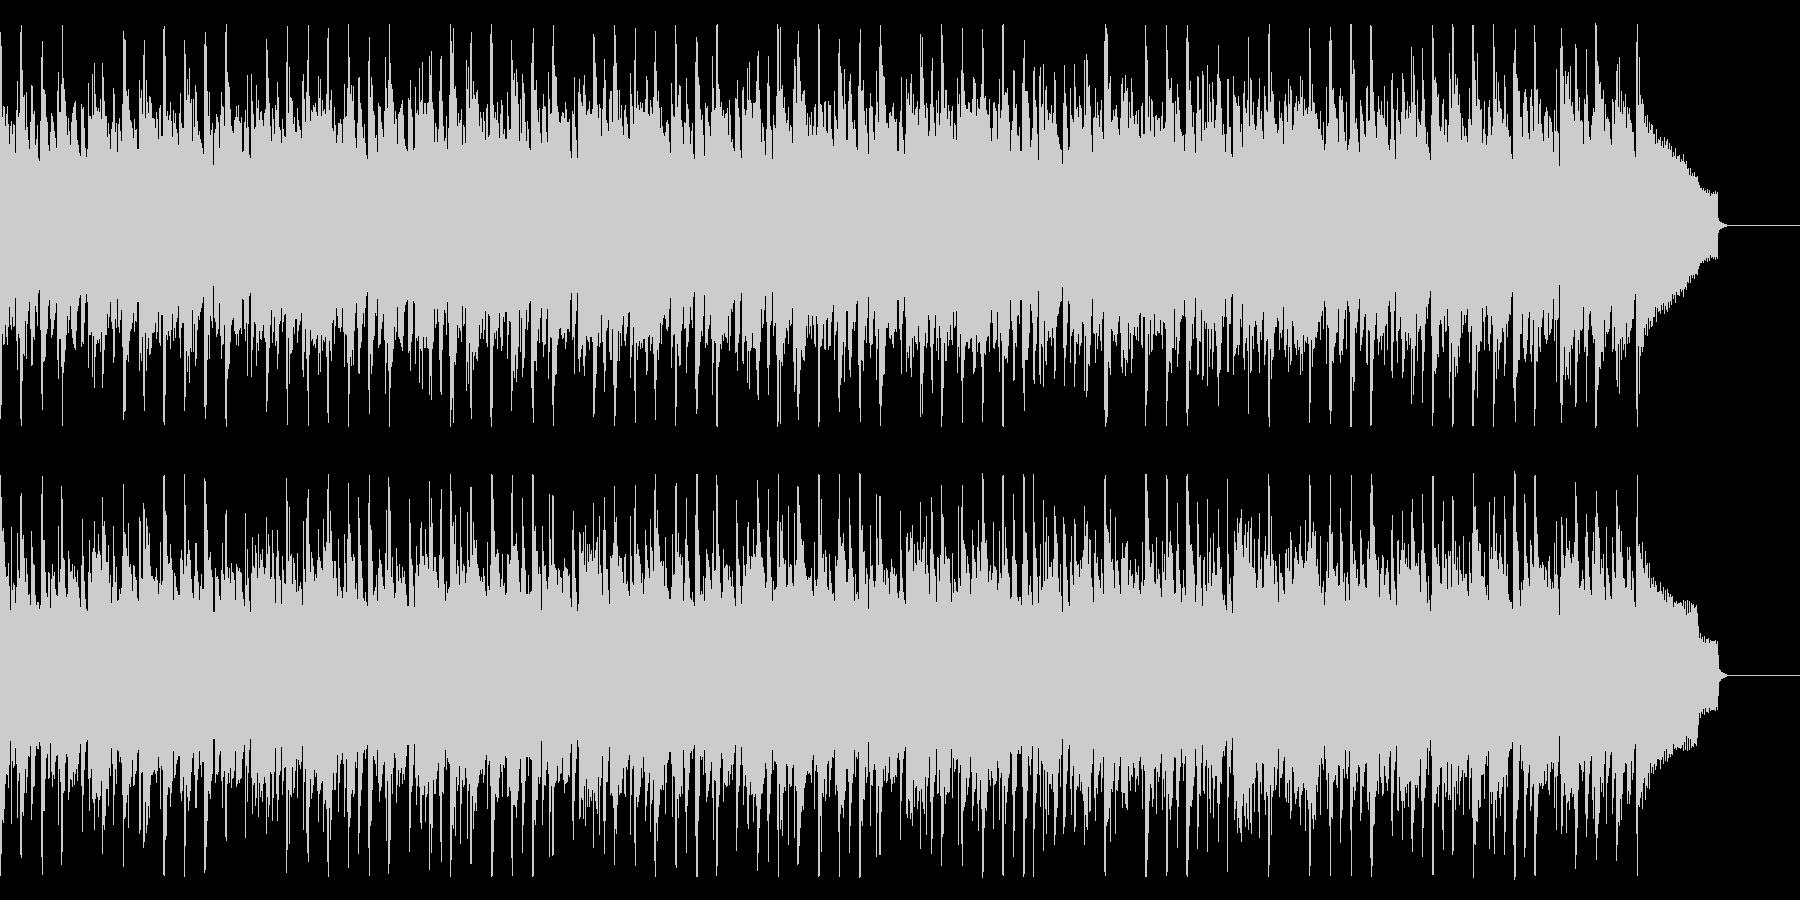 シンプルで軽快な木琴とアコギのジャズの未再生の波形